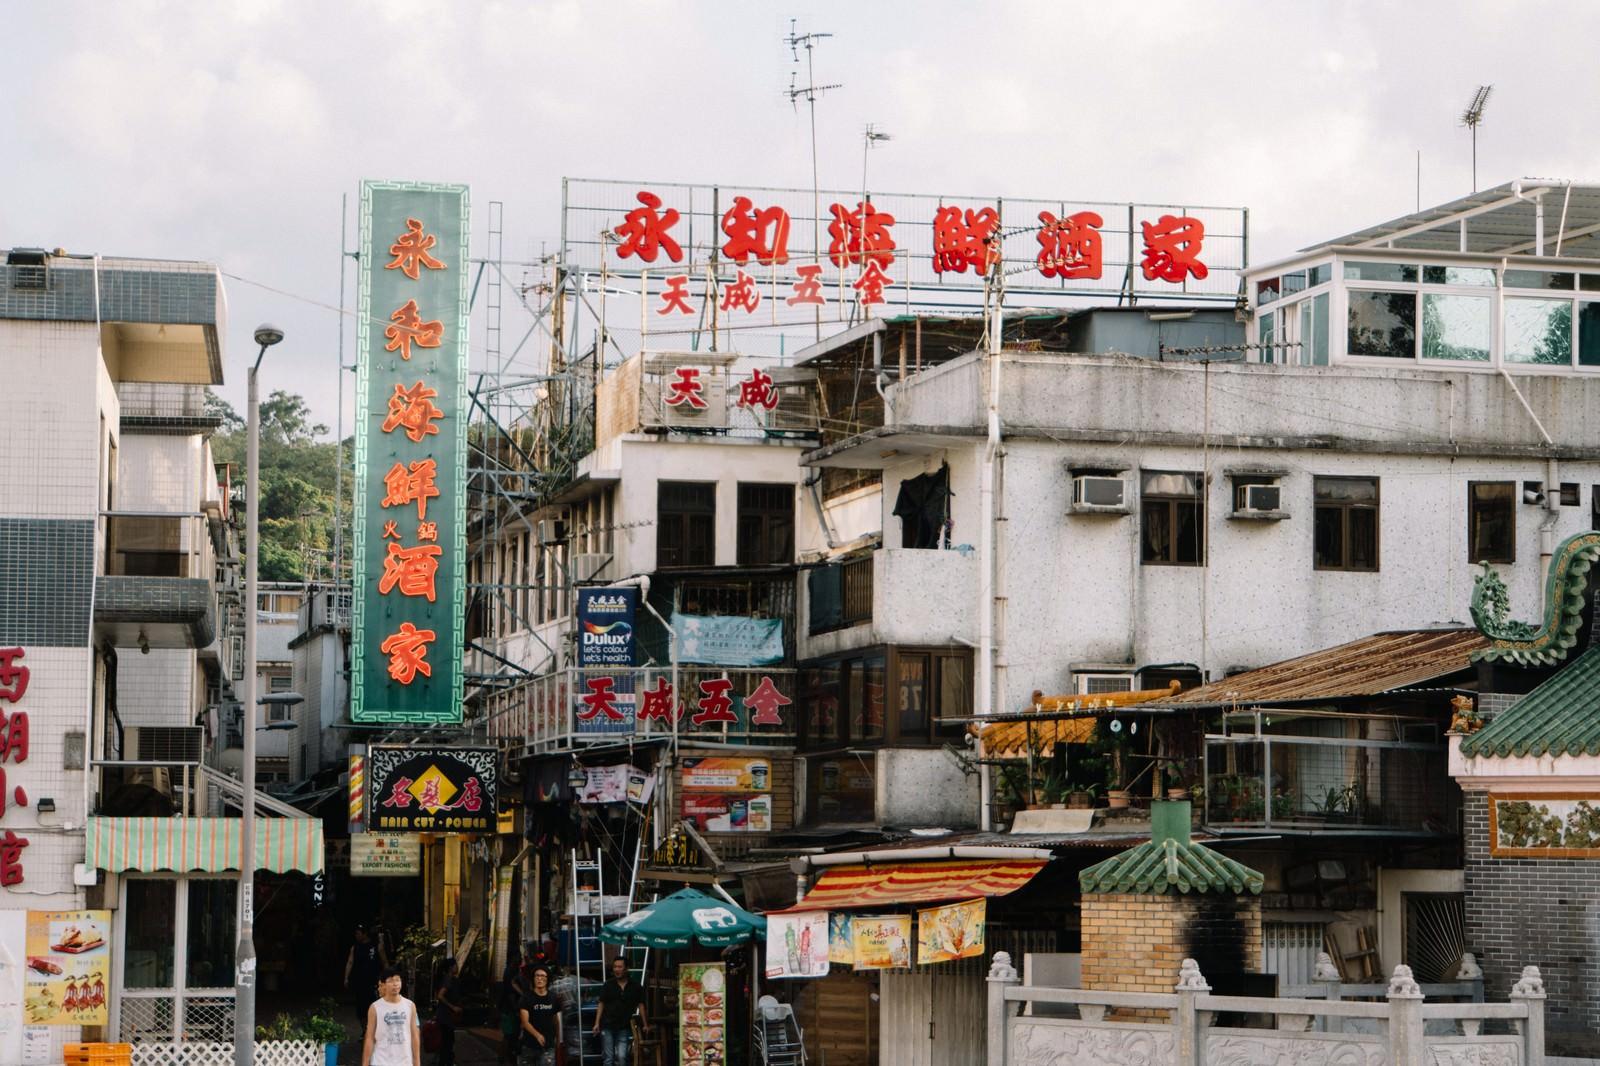 「香港らしい看板と街並み」の写真